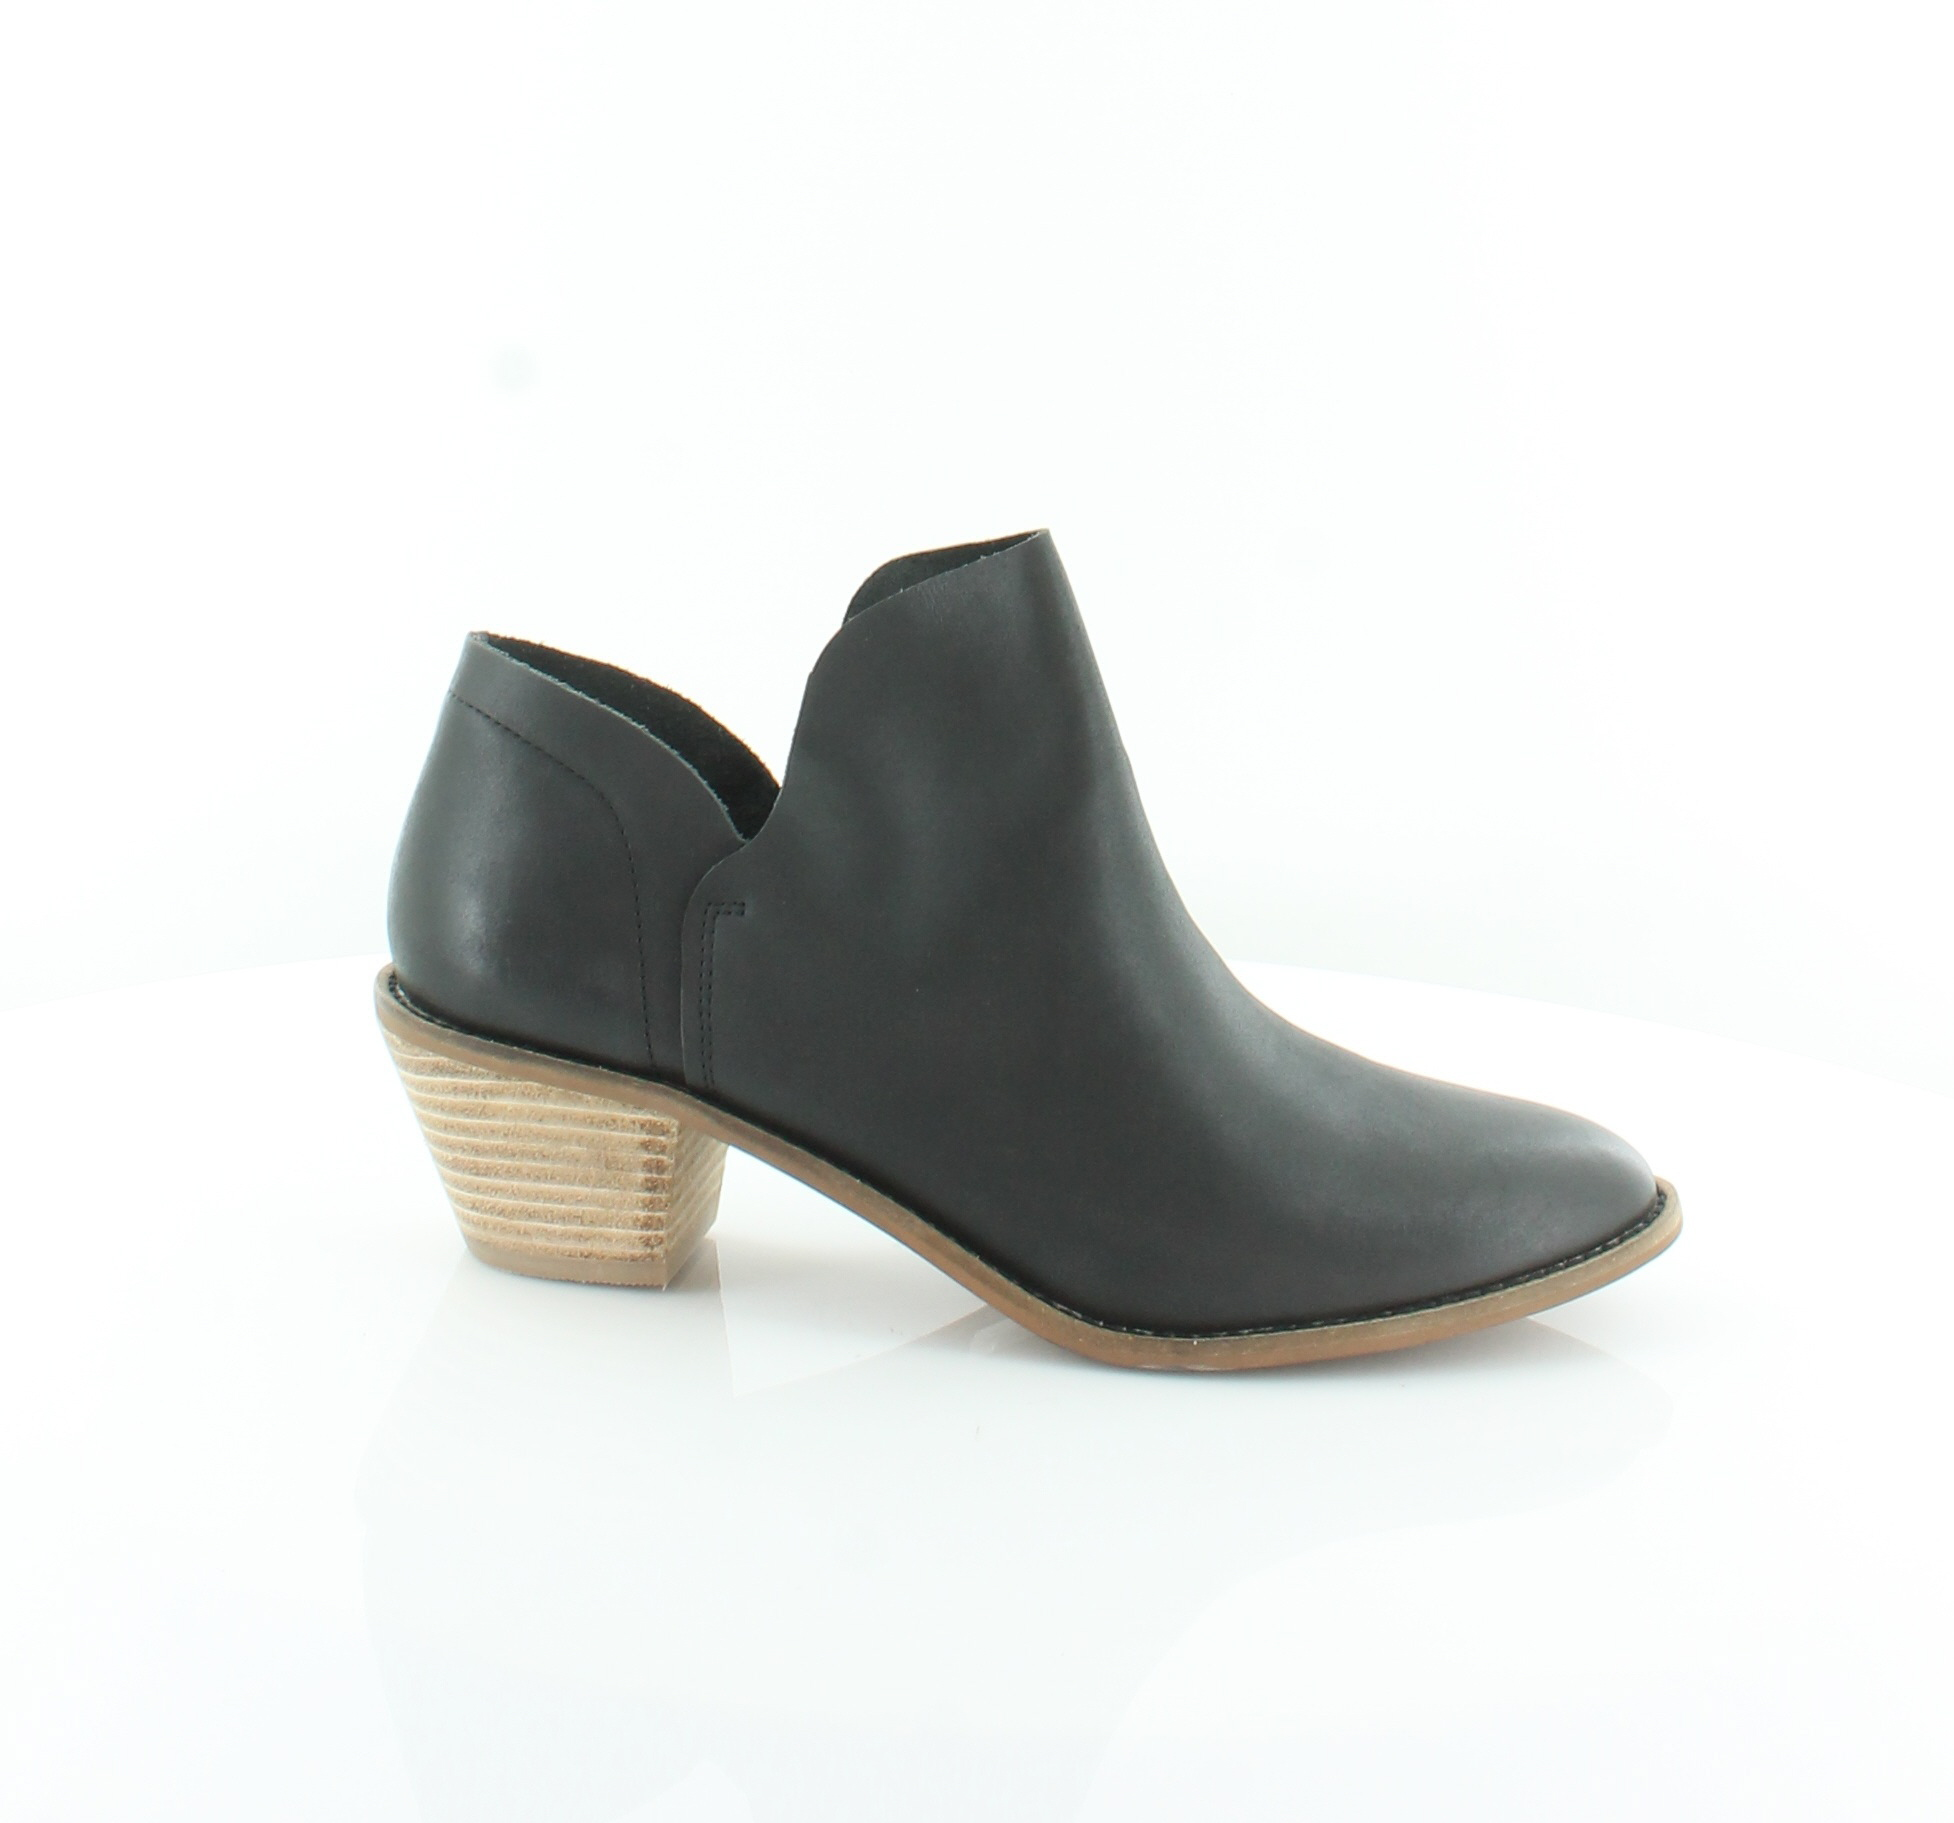 alla moda Kelsi Dagger Brooklyn New Kenmare Kenmare Kenmare nero donna scarpe Dimensione 10 M stivali MSRP  140  fino al 50% di sconto